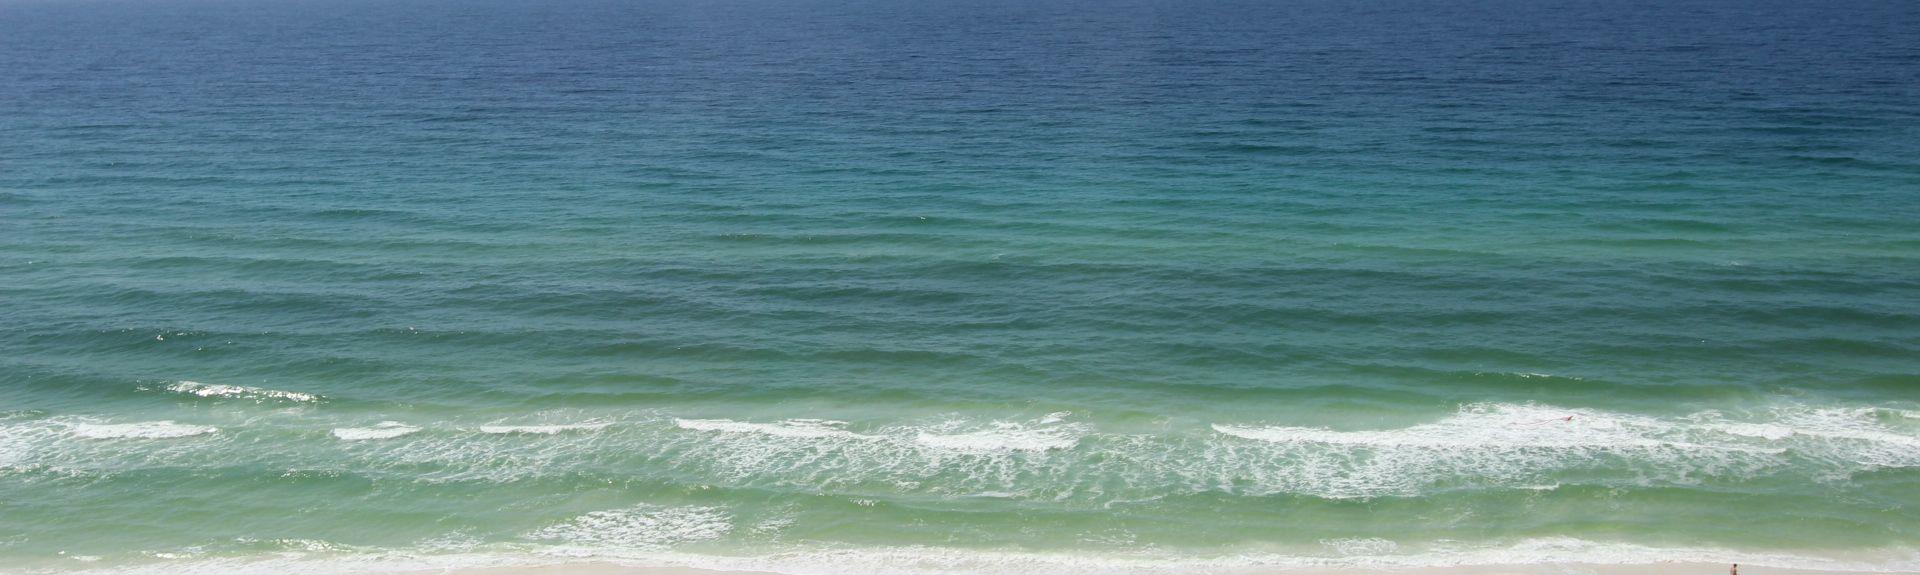 Γήπεδο Γκολφ του Seascape Resort, Miramar Beach, Φλόριντα, Ηνωμένες Πολιτείες